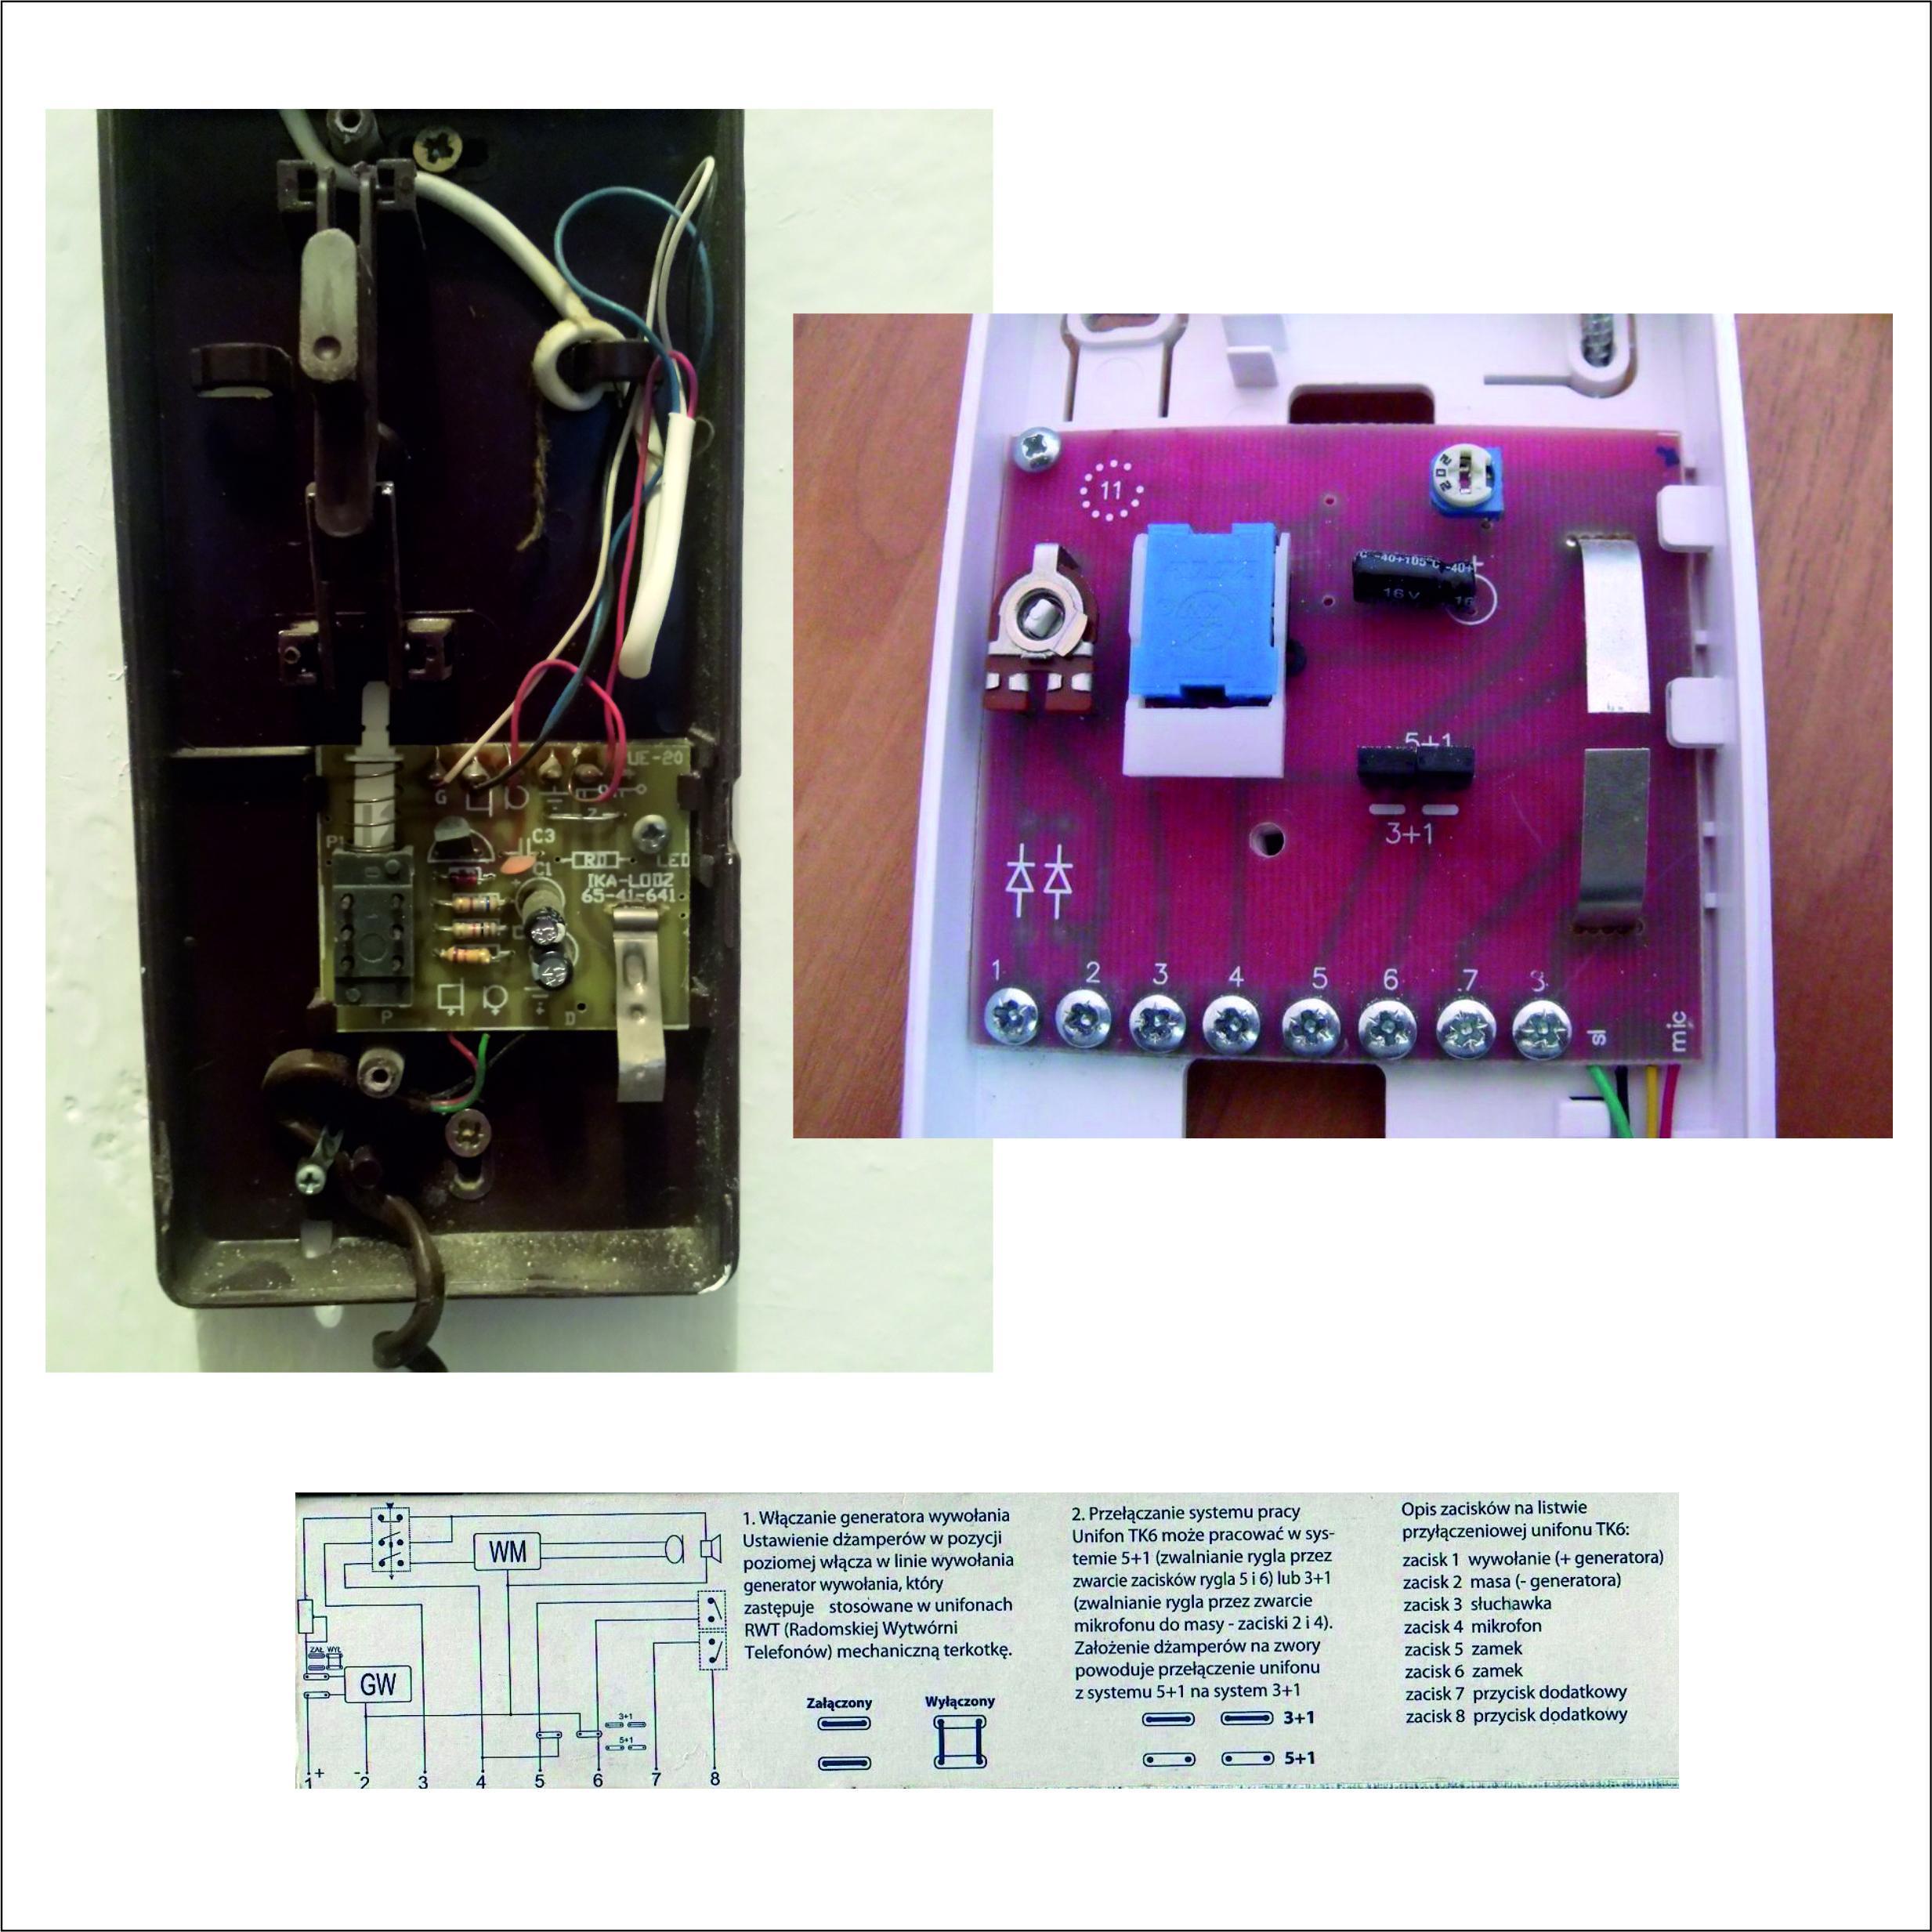 Uniofon wekta tk-6 i instalacja 4 �y�owa jak pod��czy�